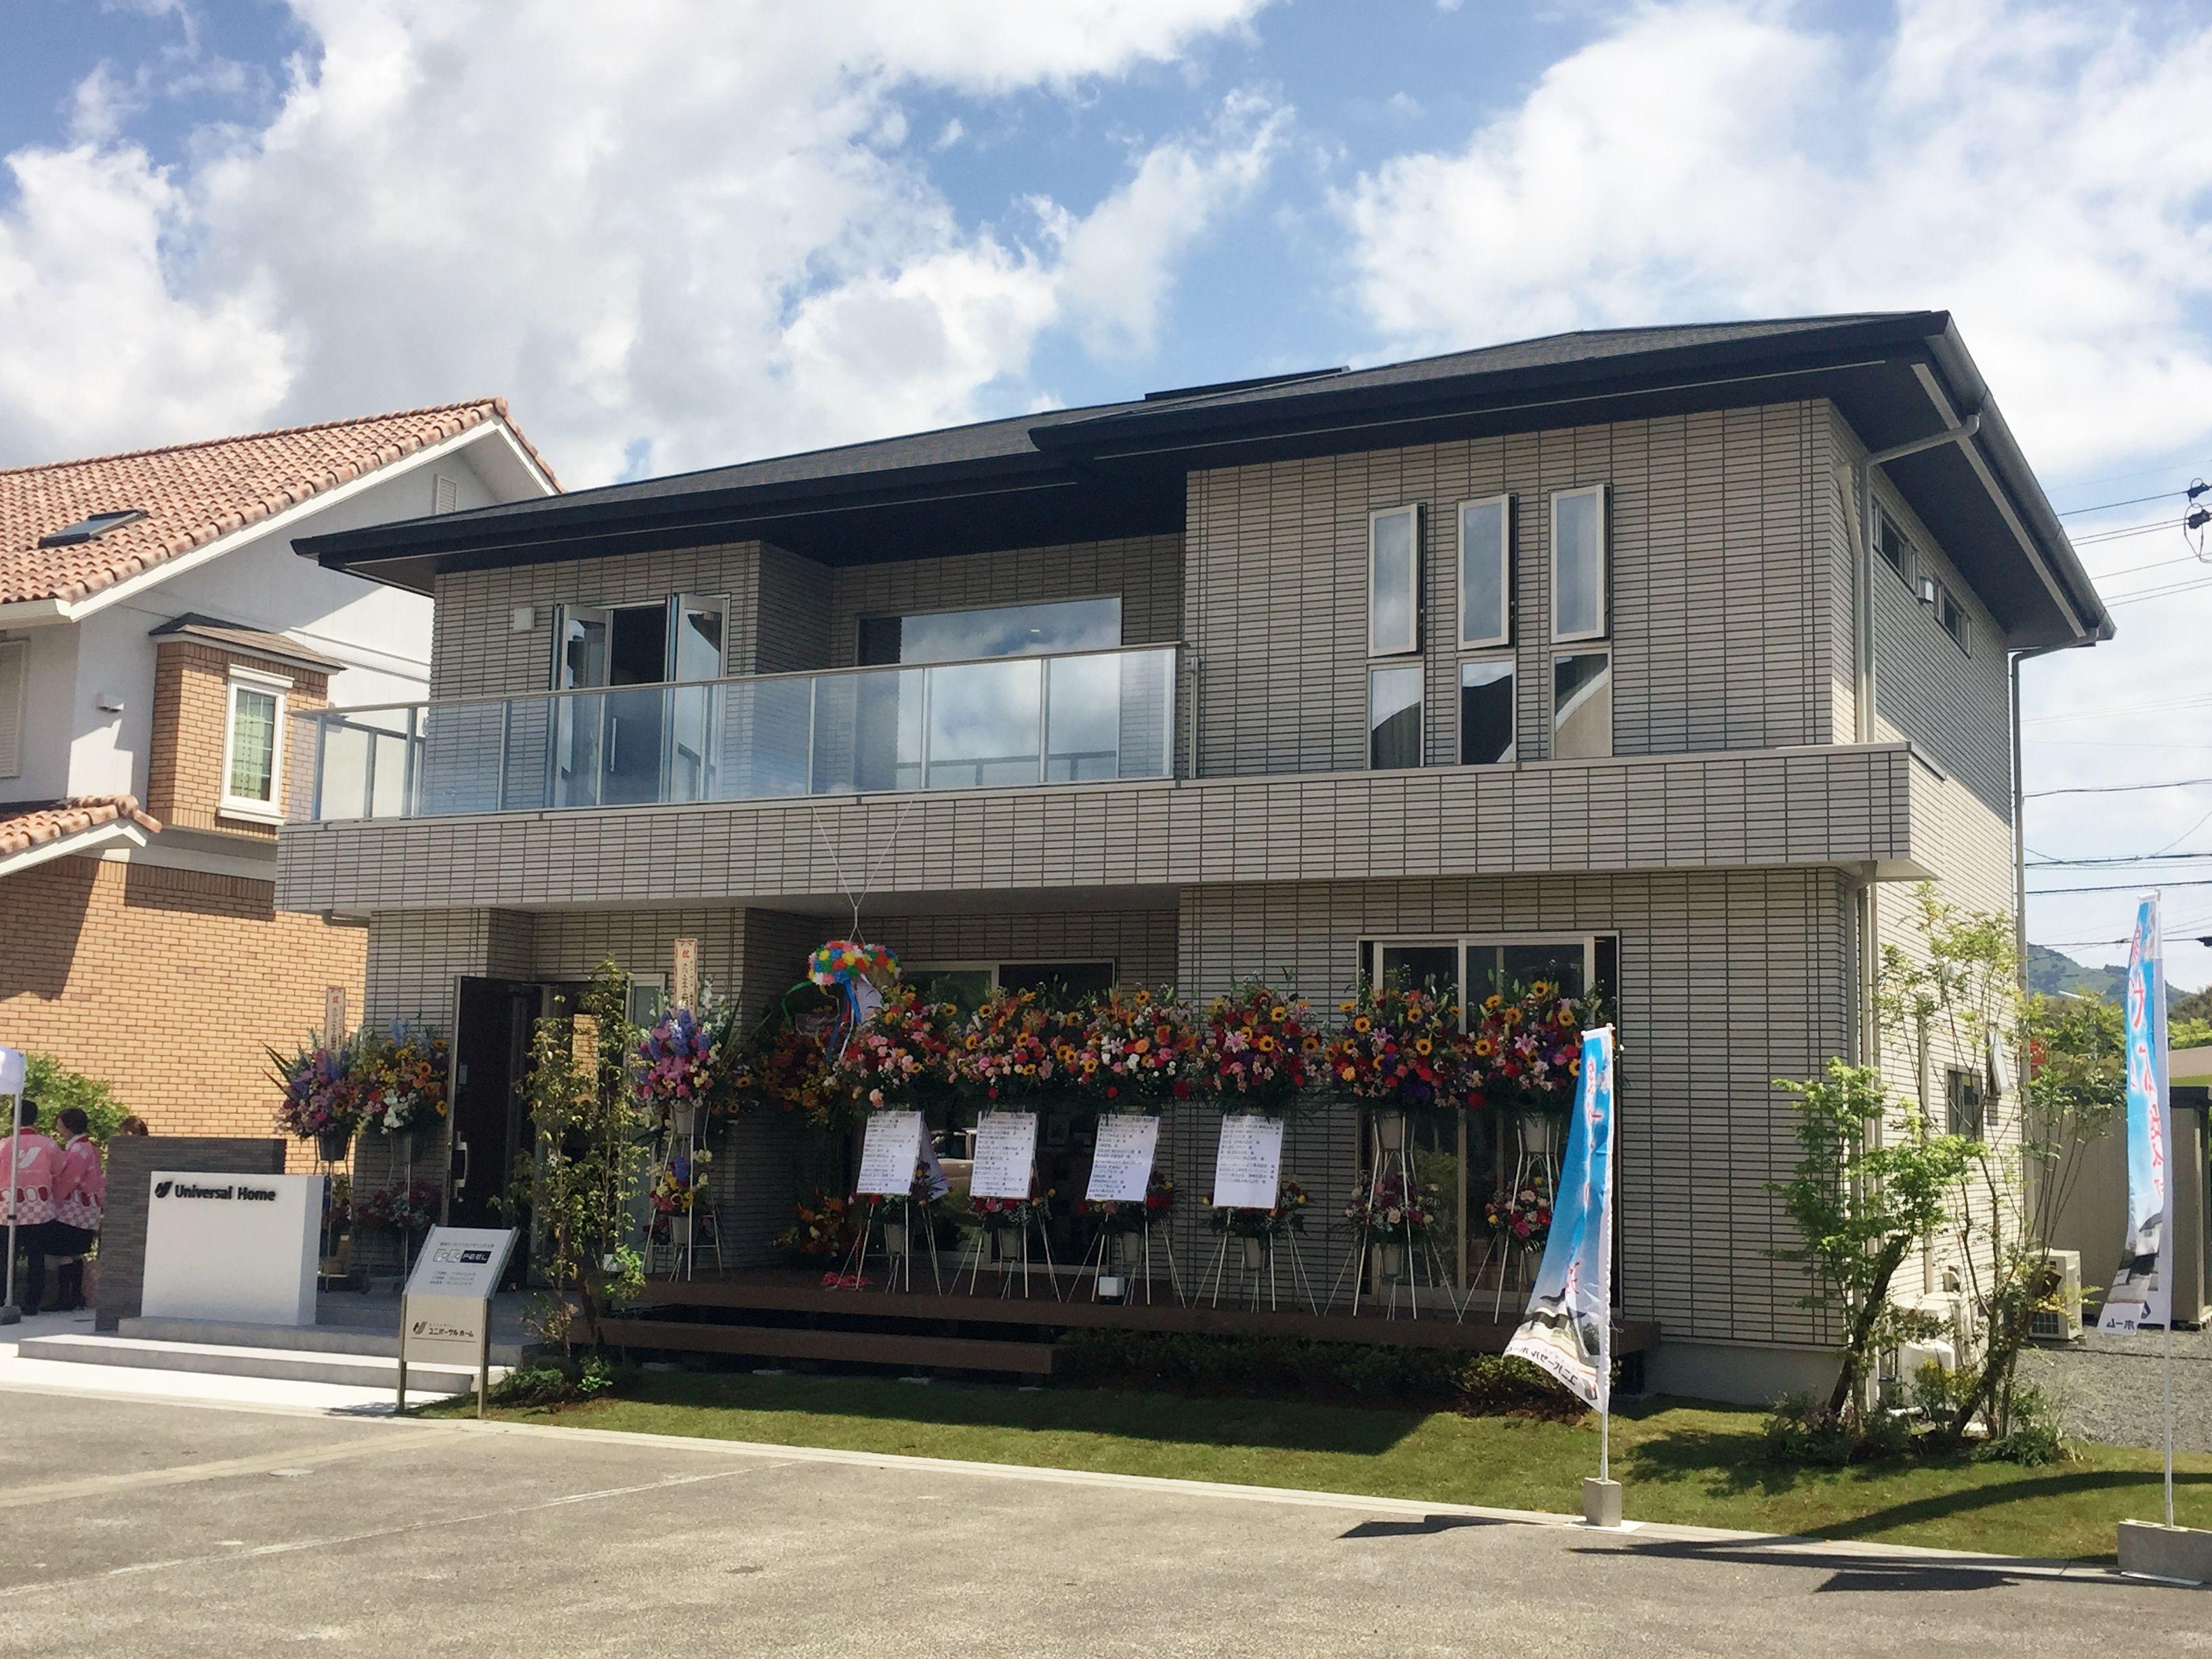 モデルハウス(住宅展示場)藤枝店